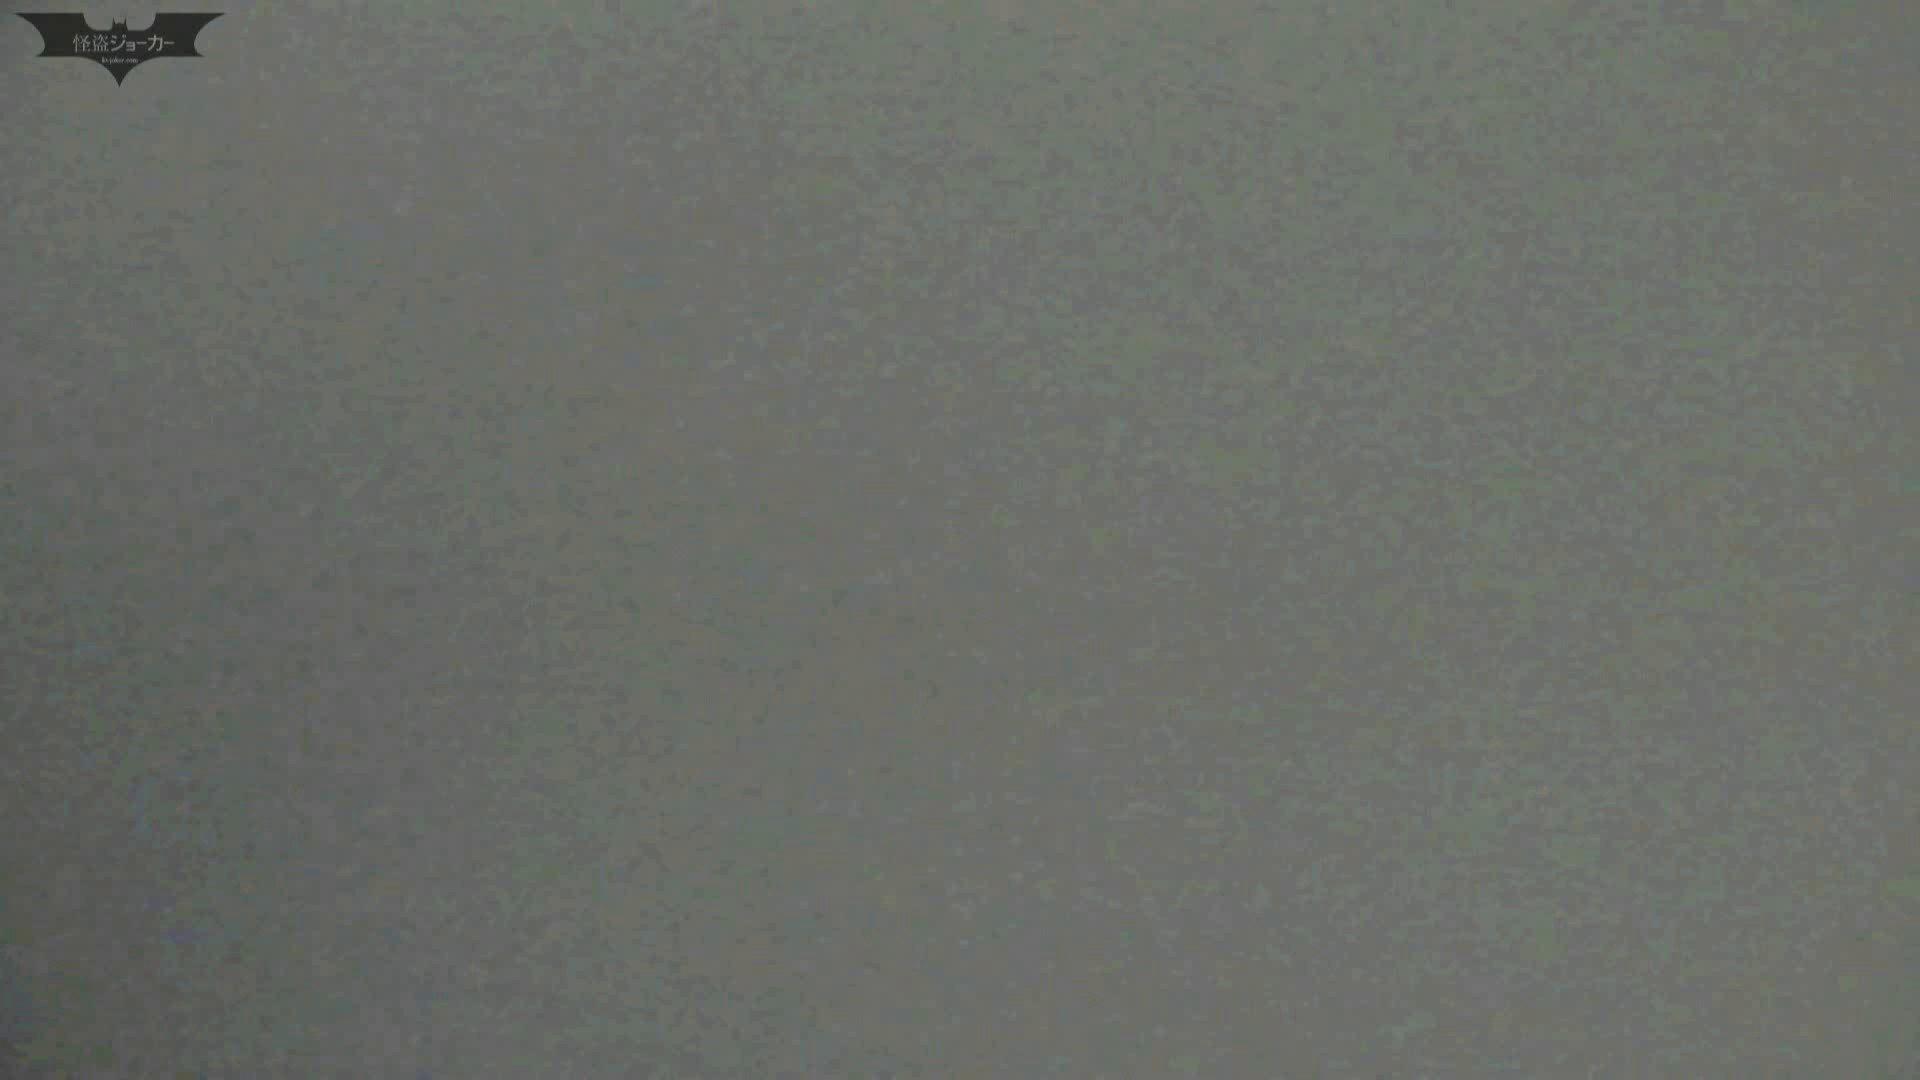 下からノゾム vol.018 スタイルいい子に、ついついて入っちゃった。 OL  95pic 25